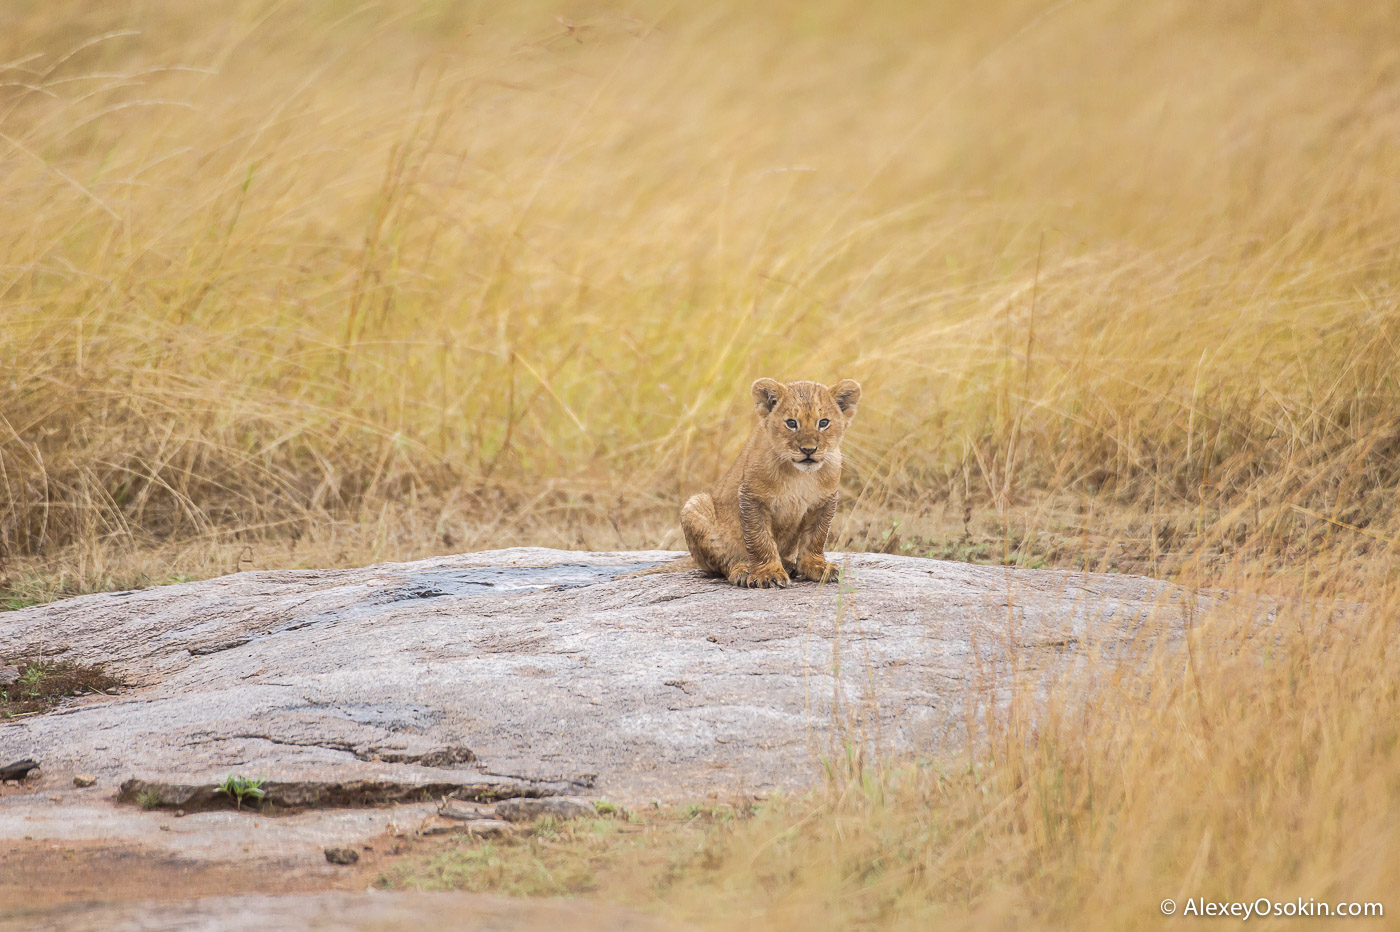 kenya-lions-2-ao, aug.2015-11.jpg